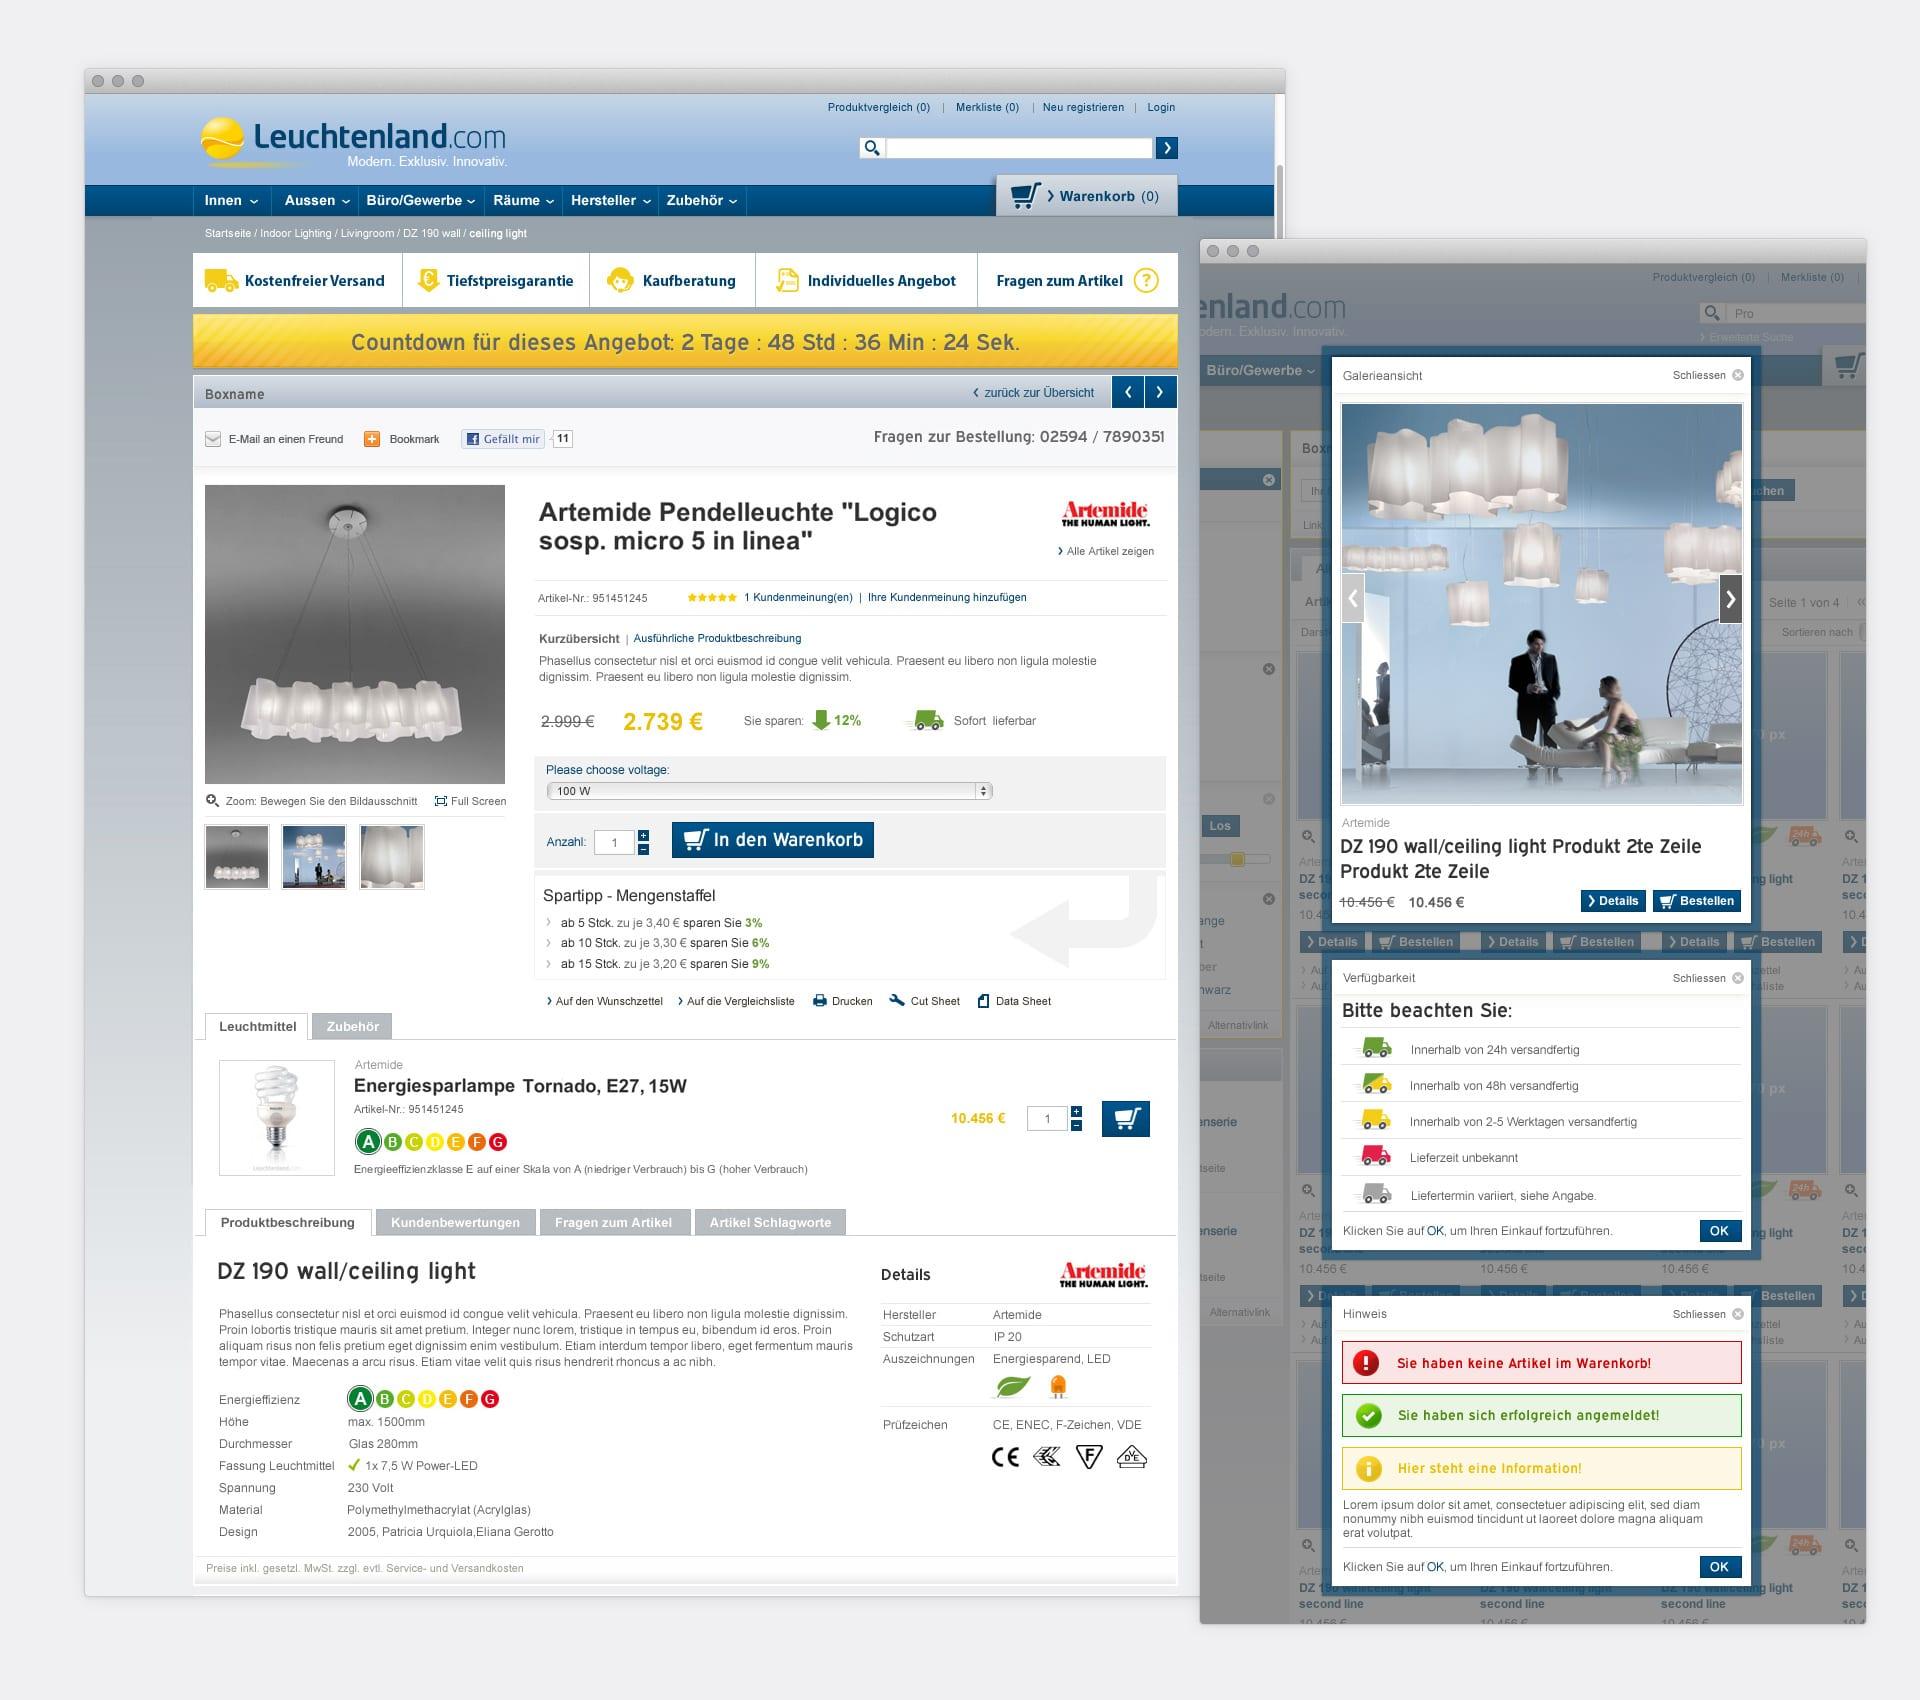 Produktedetailseite Leuchtenland.com Online-Shop